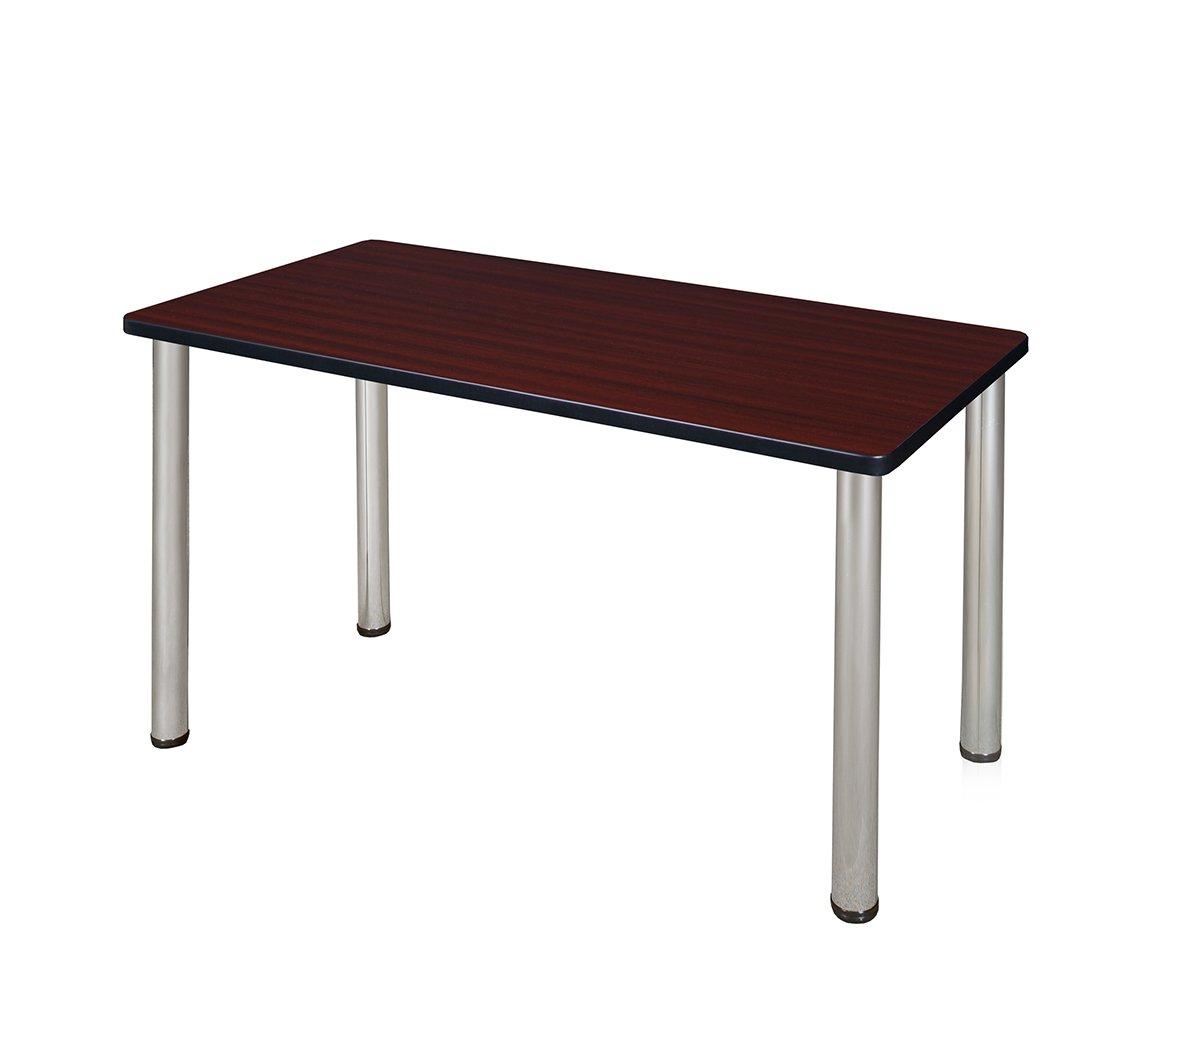 Regency Kee 42 by 24-Inch Training Table, Mahogany/Chrome